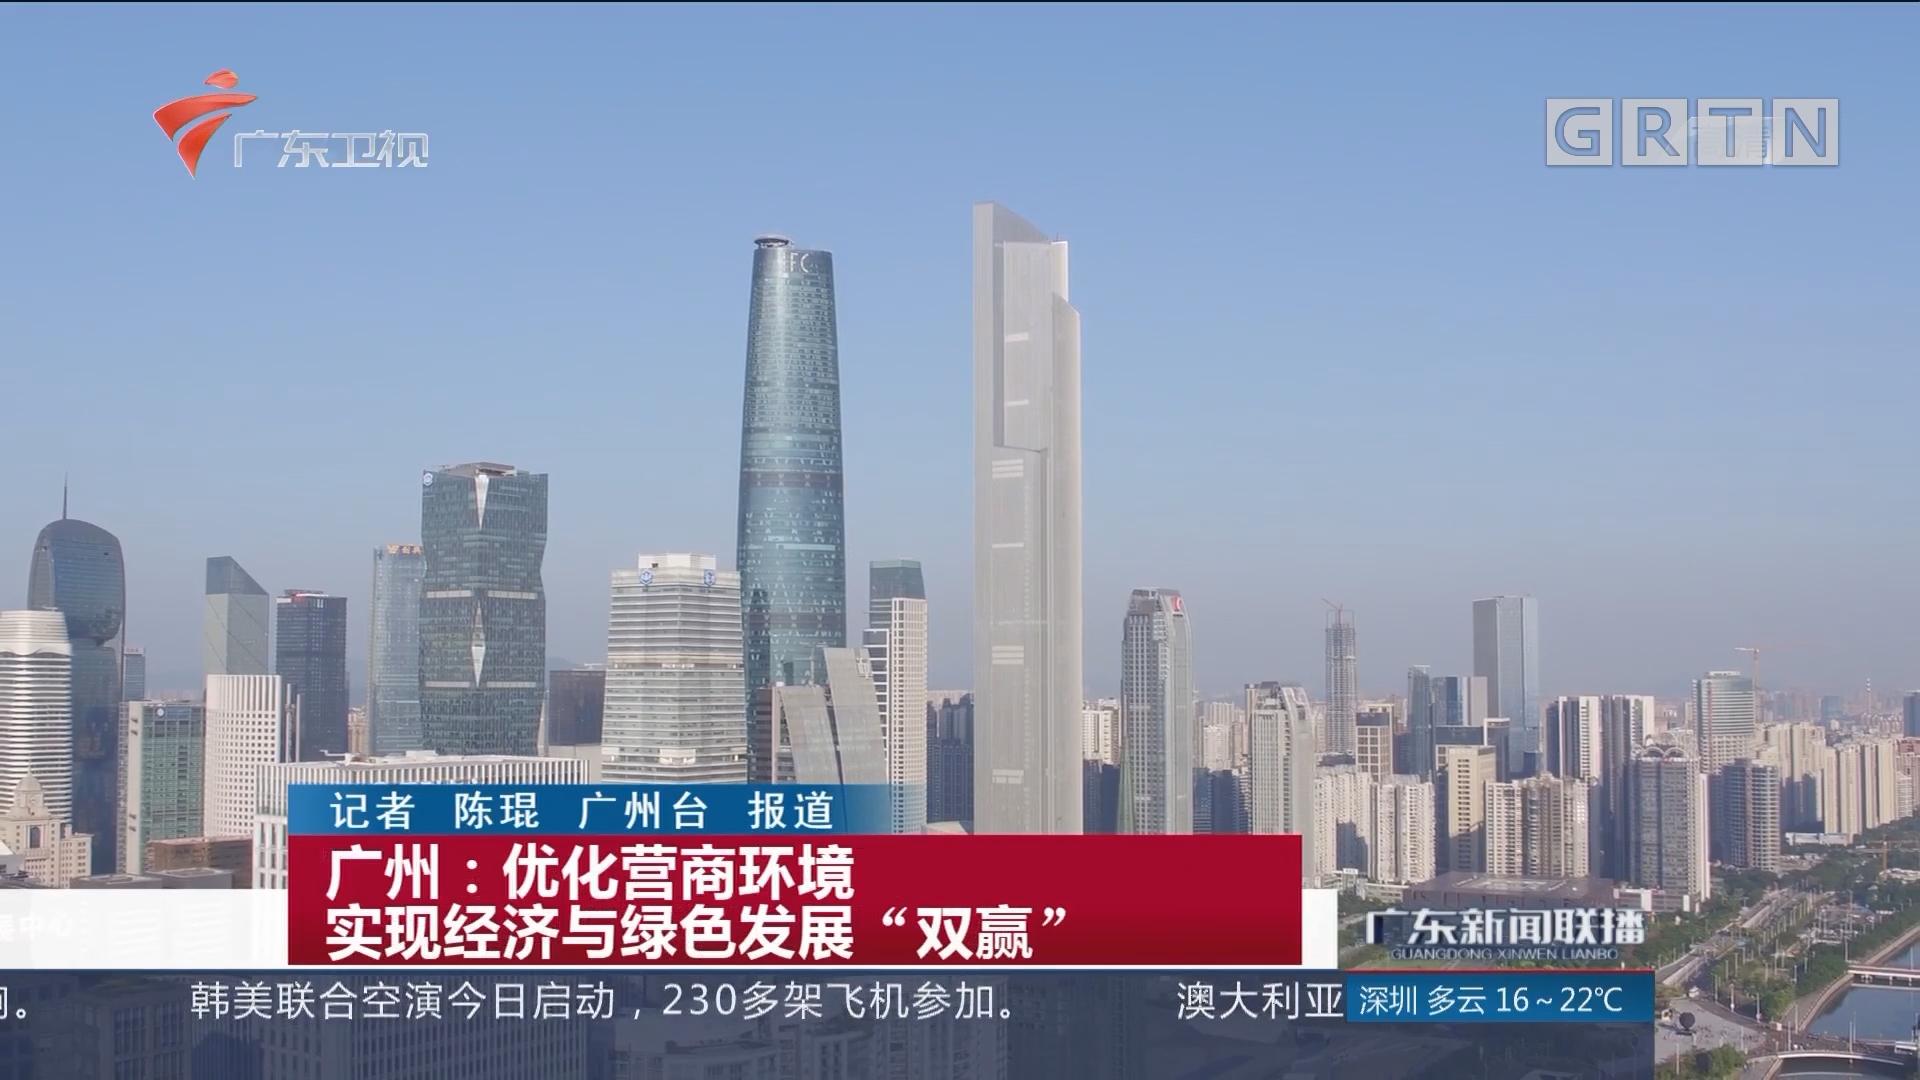 """广州:优化营商环境 实现经济与绿色发展""""双赢"""""""